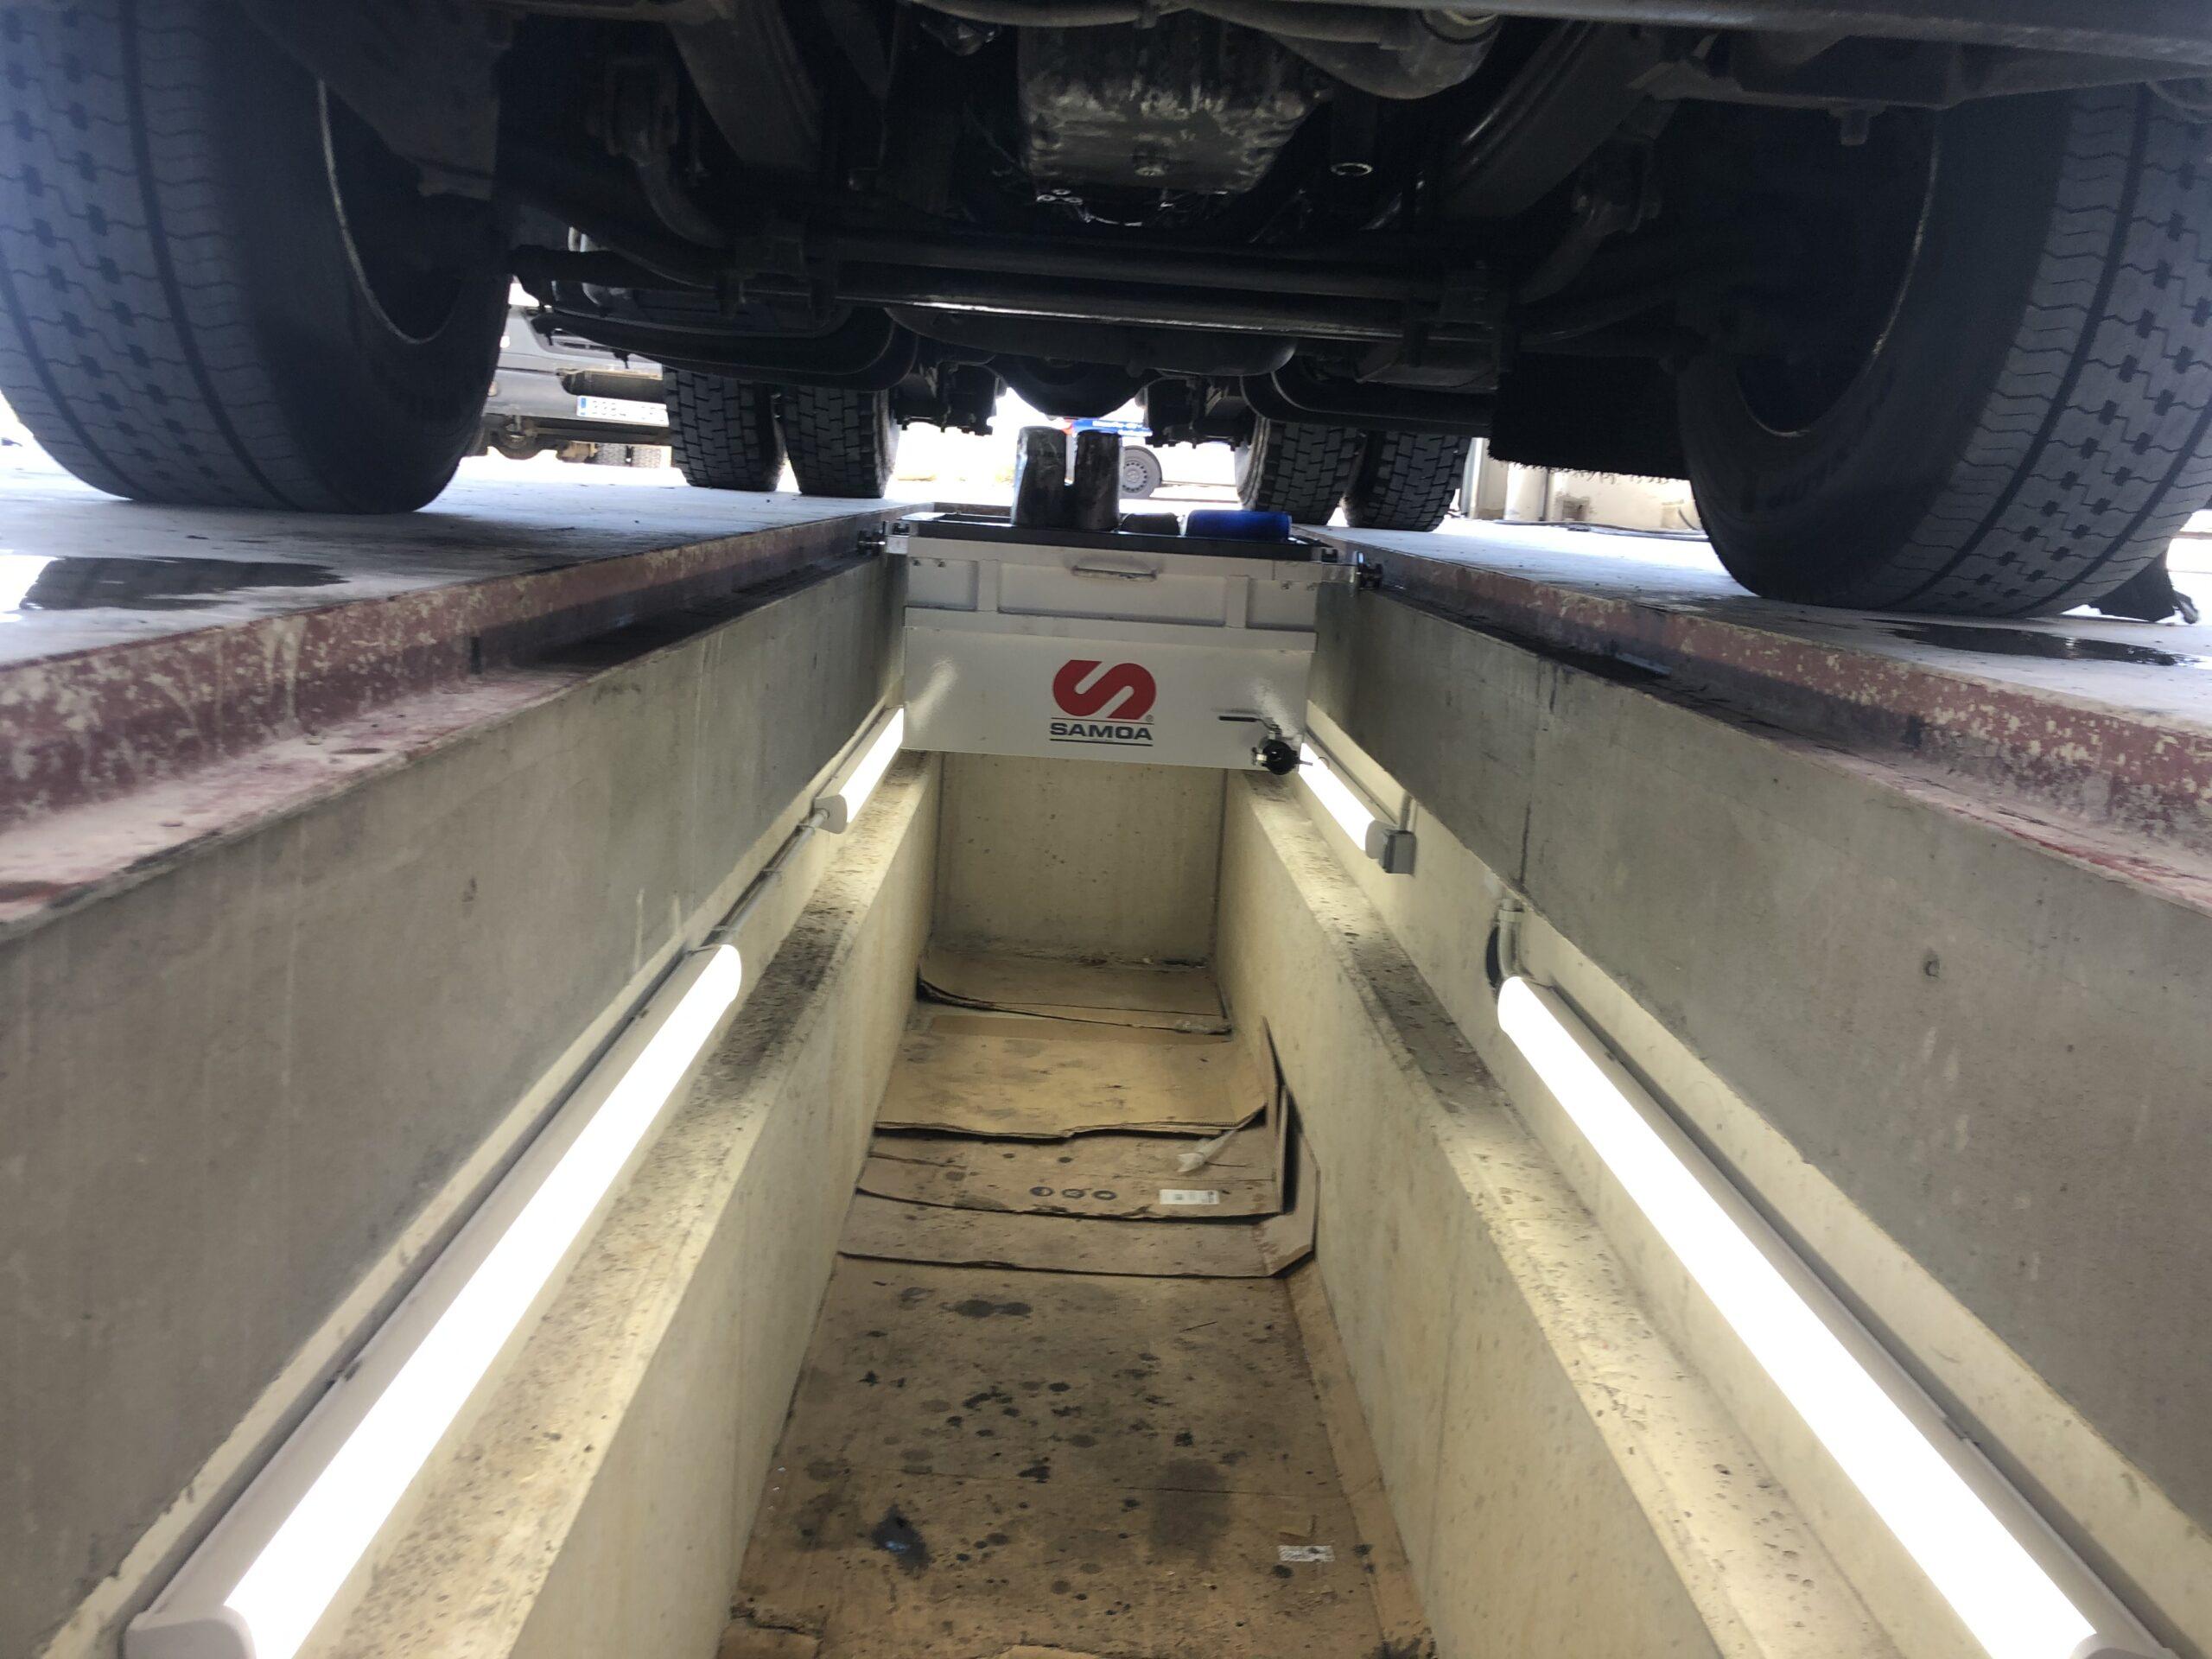 Foso de inspección vehículos